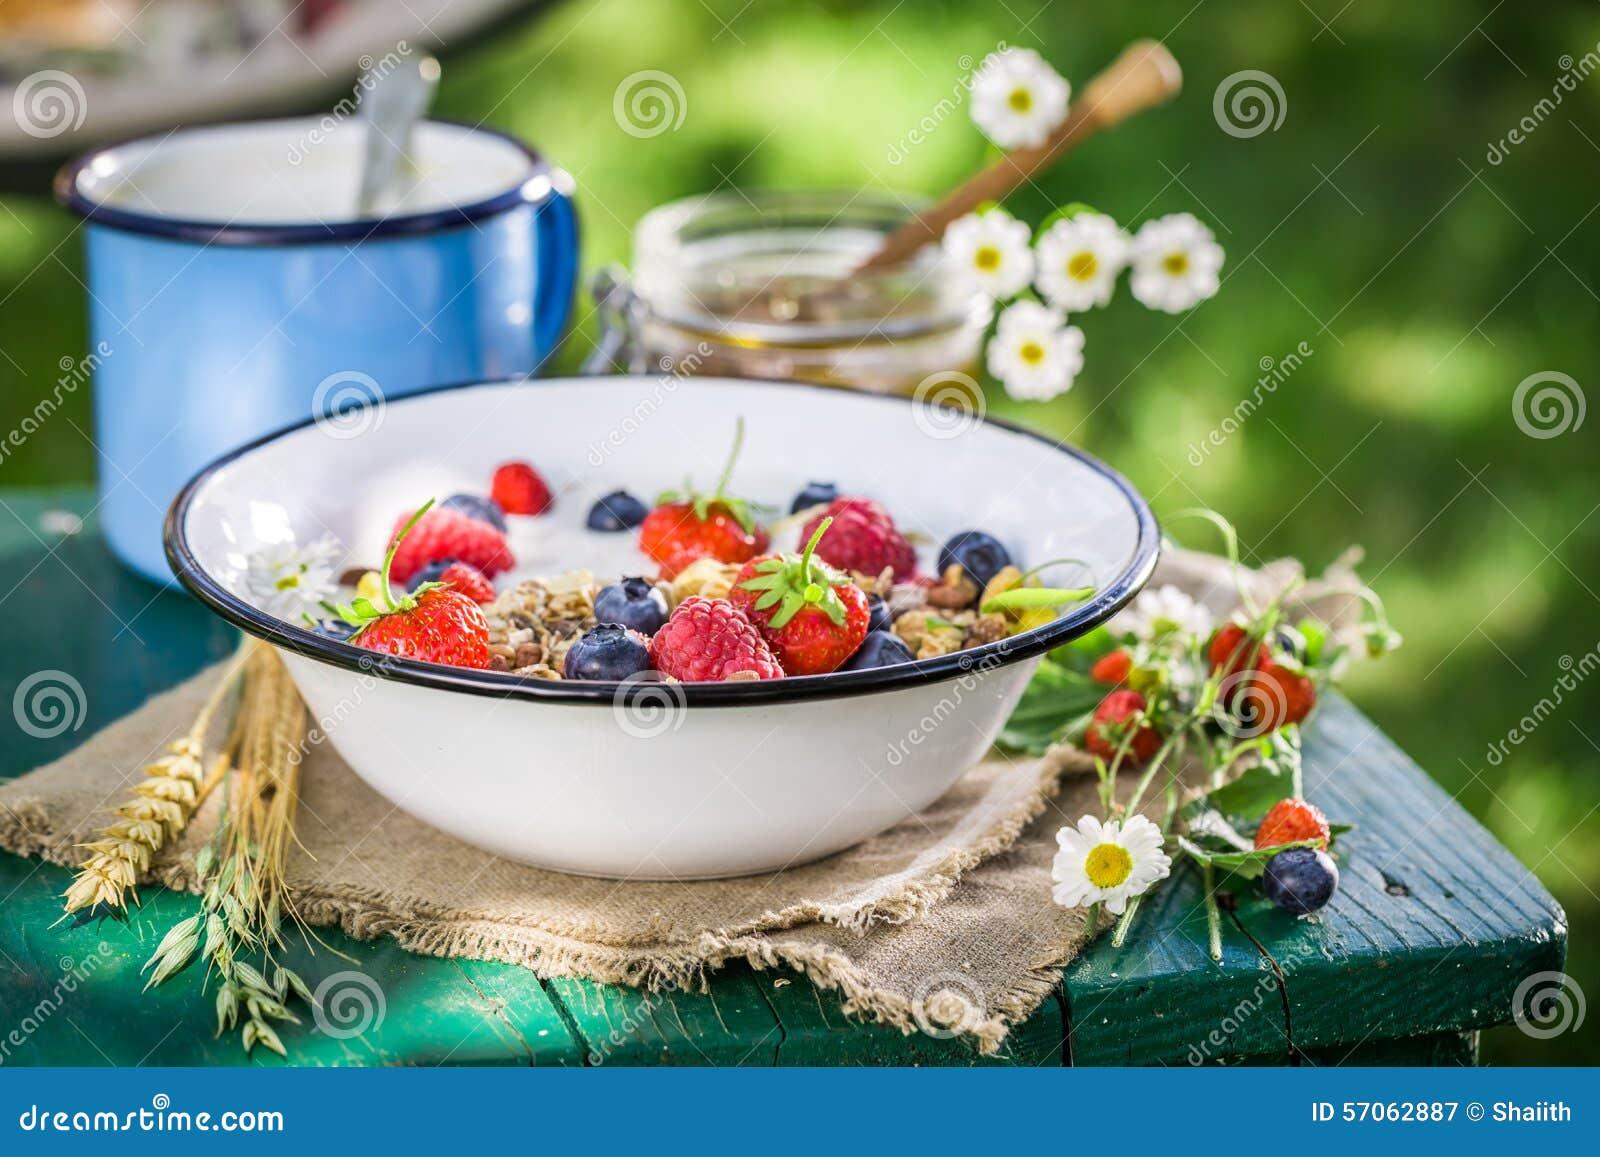 Smakelijk ontbijt met bessen en yoghurt in tuin